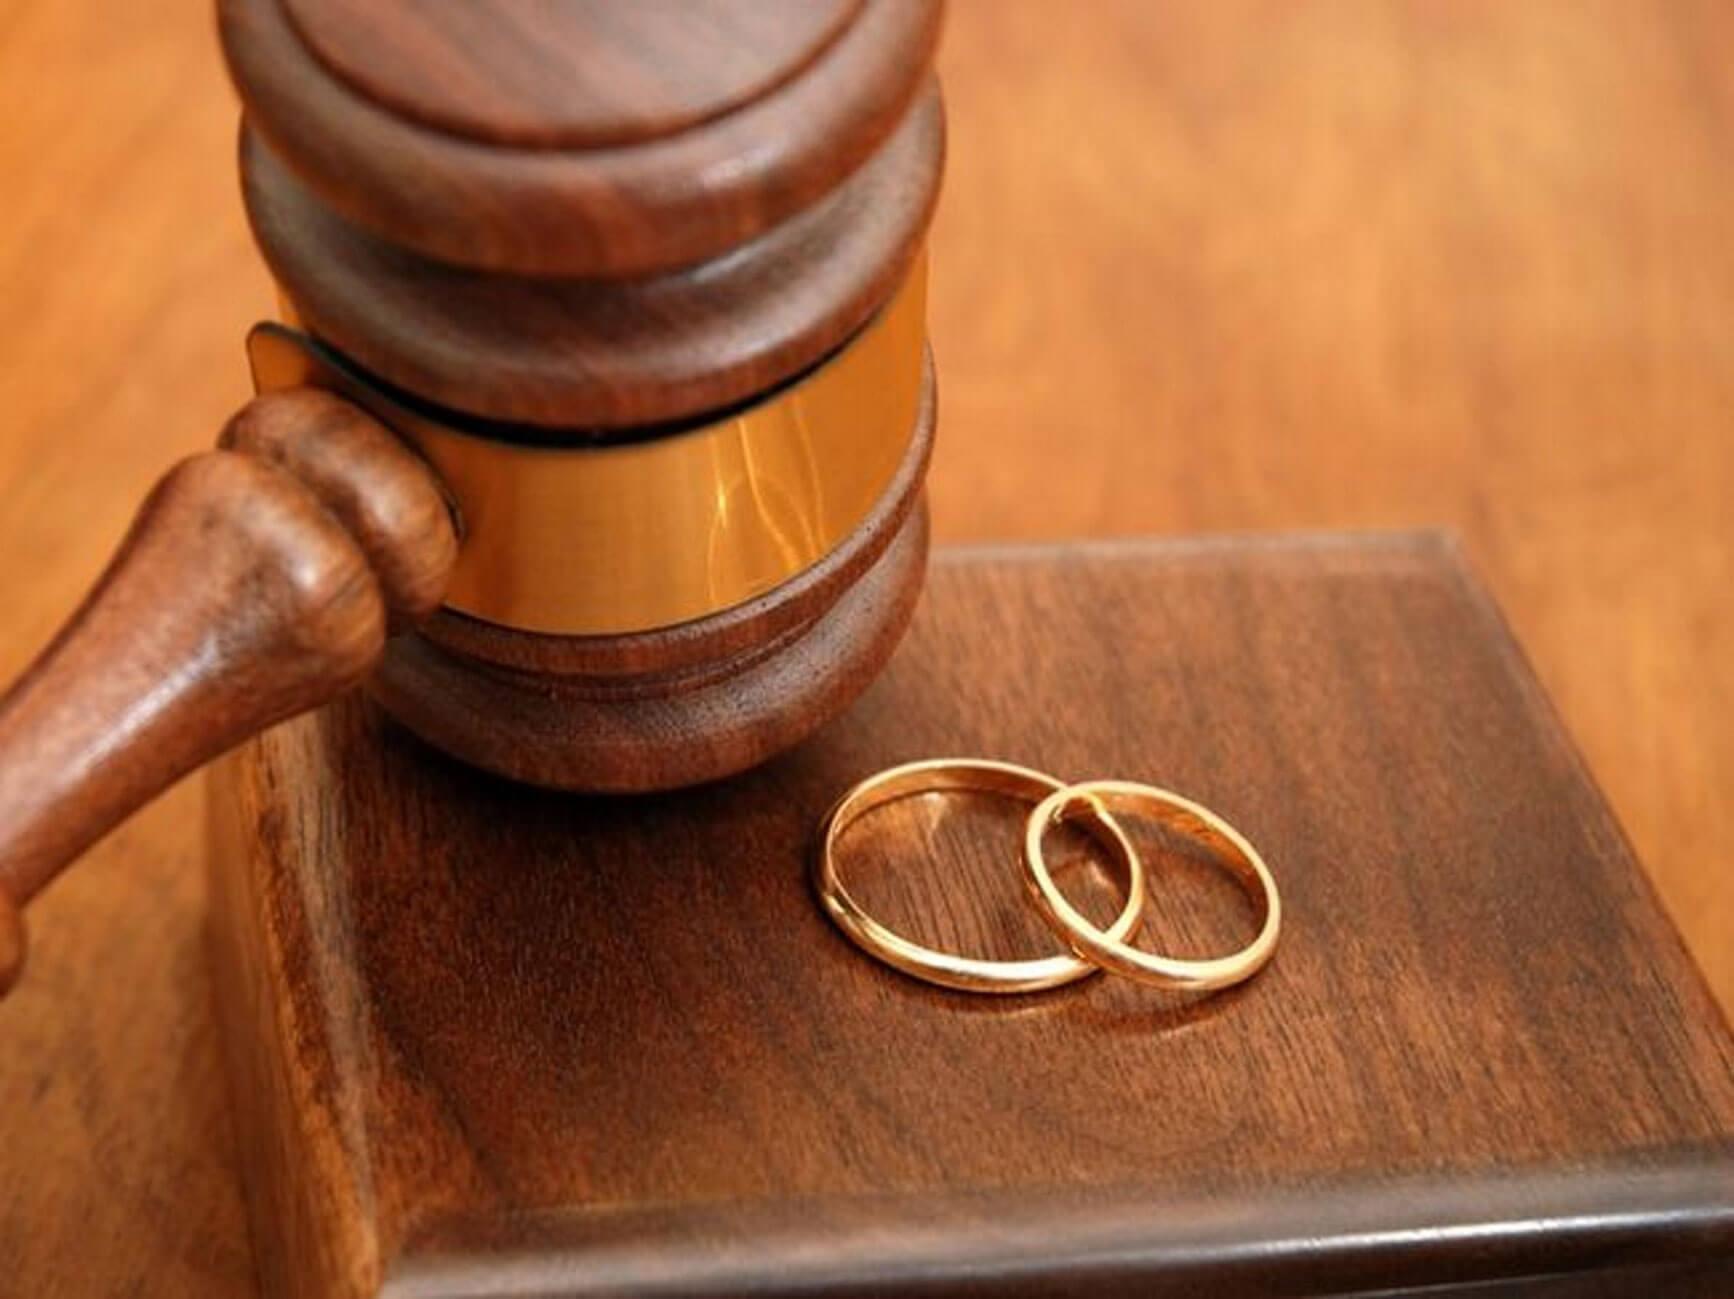 Εφορία: Μέχρι τις 28 Φεβρουαρίου η προθεσμία για το φορολογικό διαζύγιο